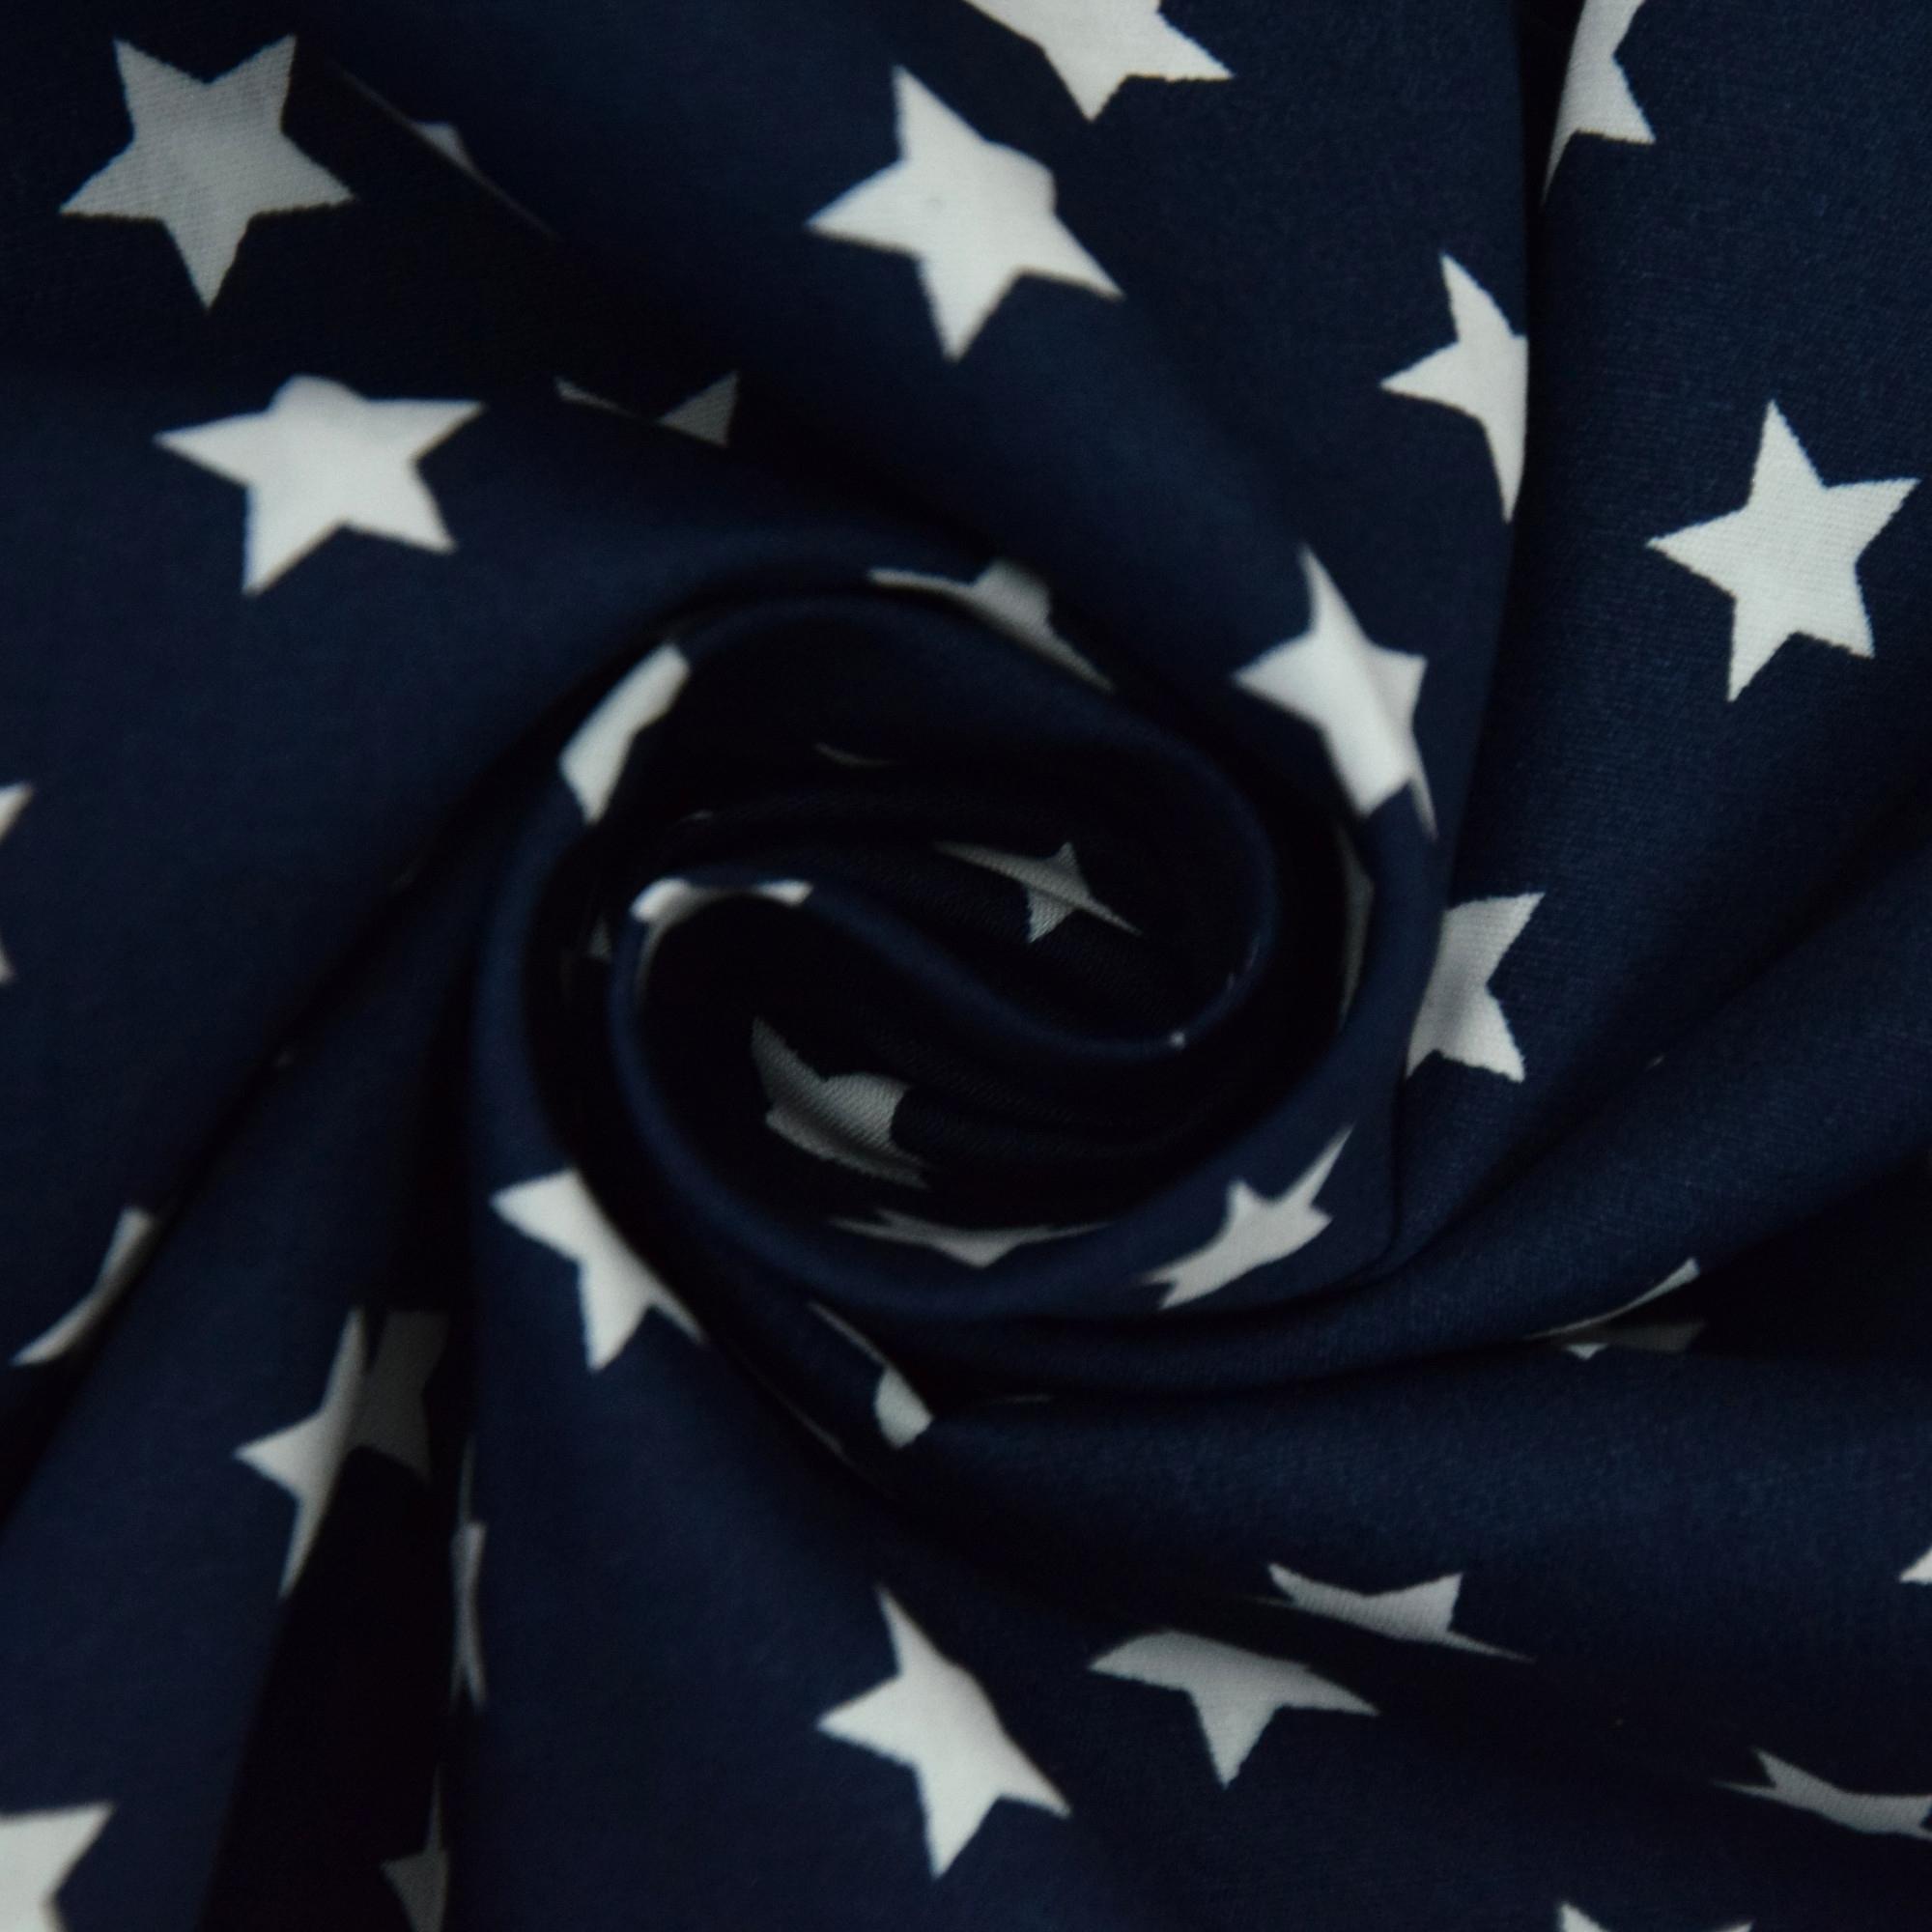 Marineblaue Baumwoll-Popeline mit weißen Sternen